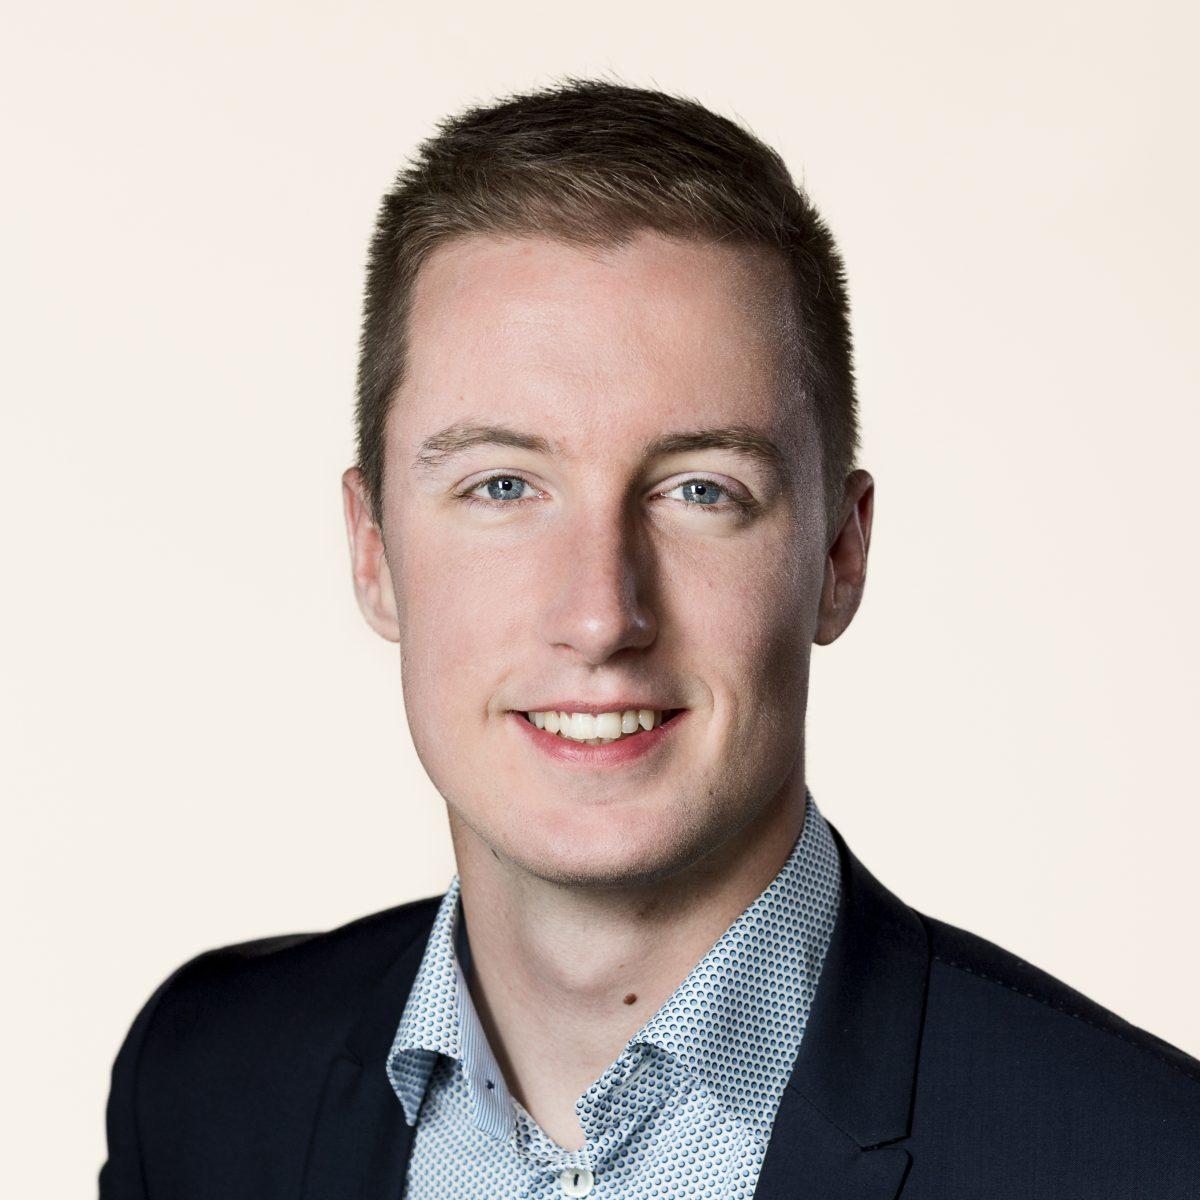 DAGENS POLITIKER: Børneordfører Jacob Mark, SF